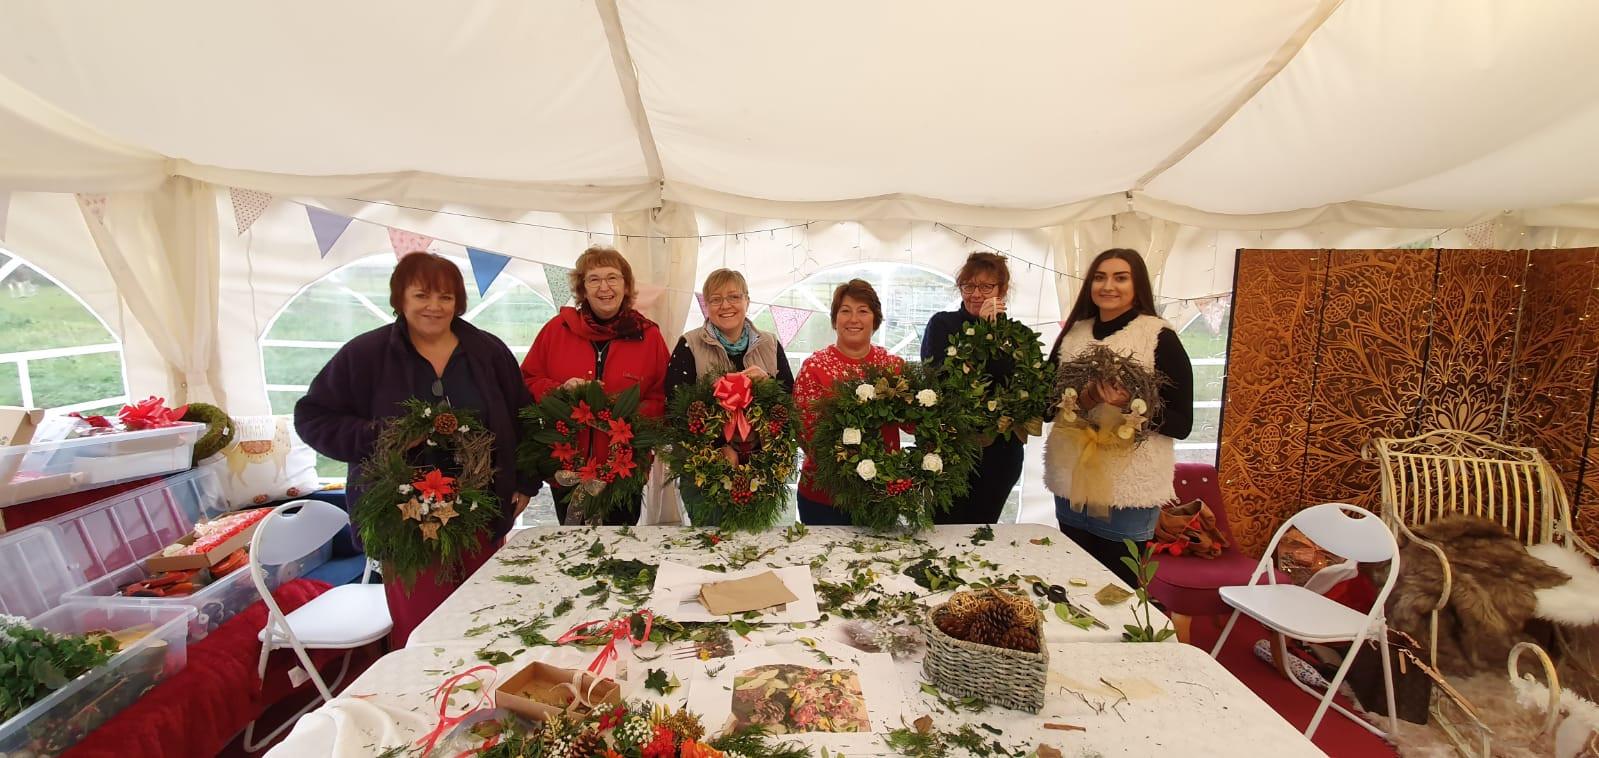 Wreath-making workshops